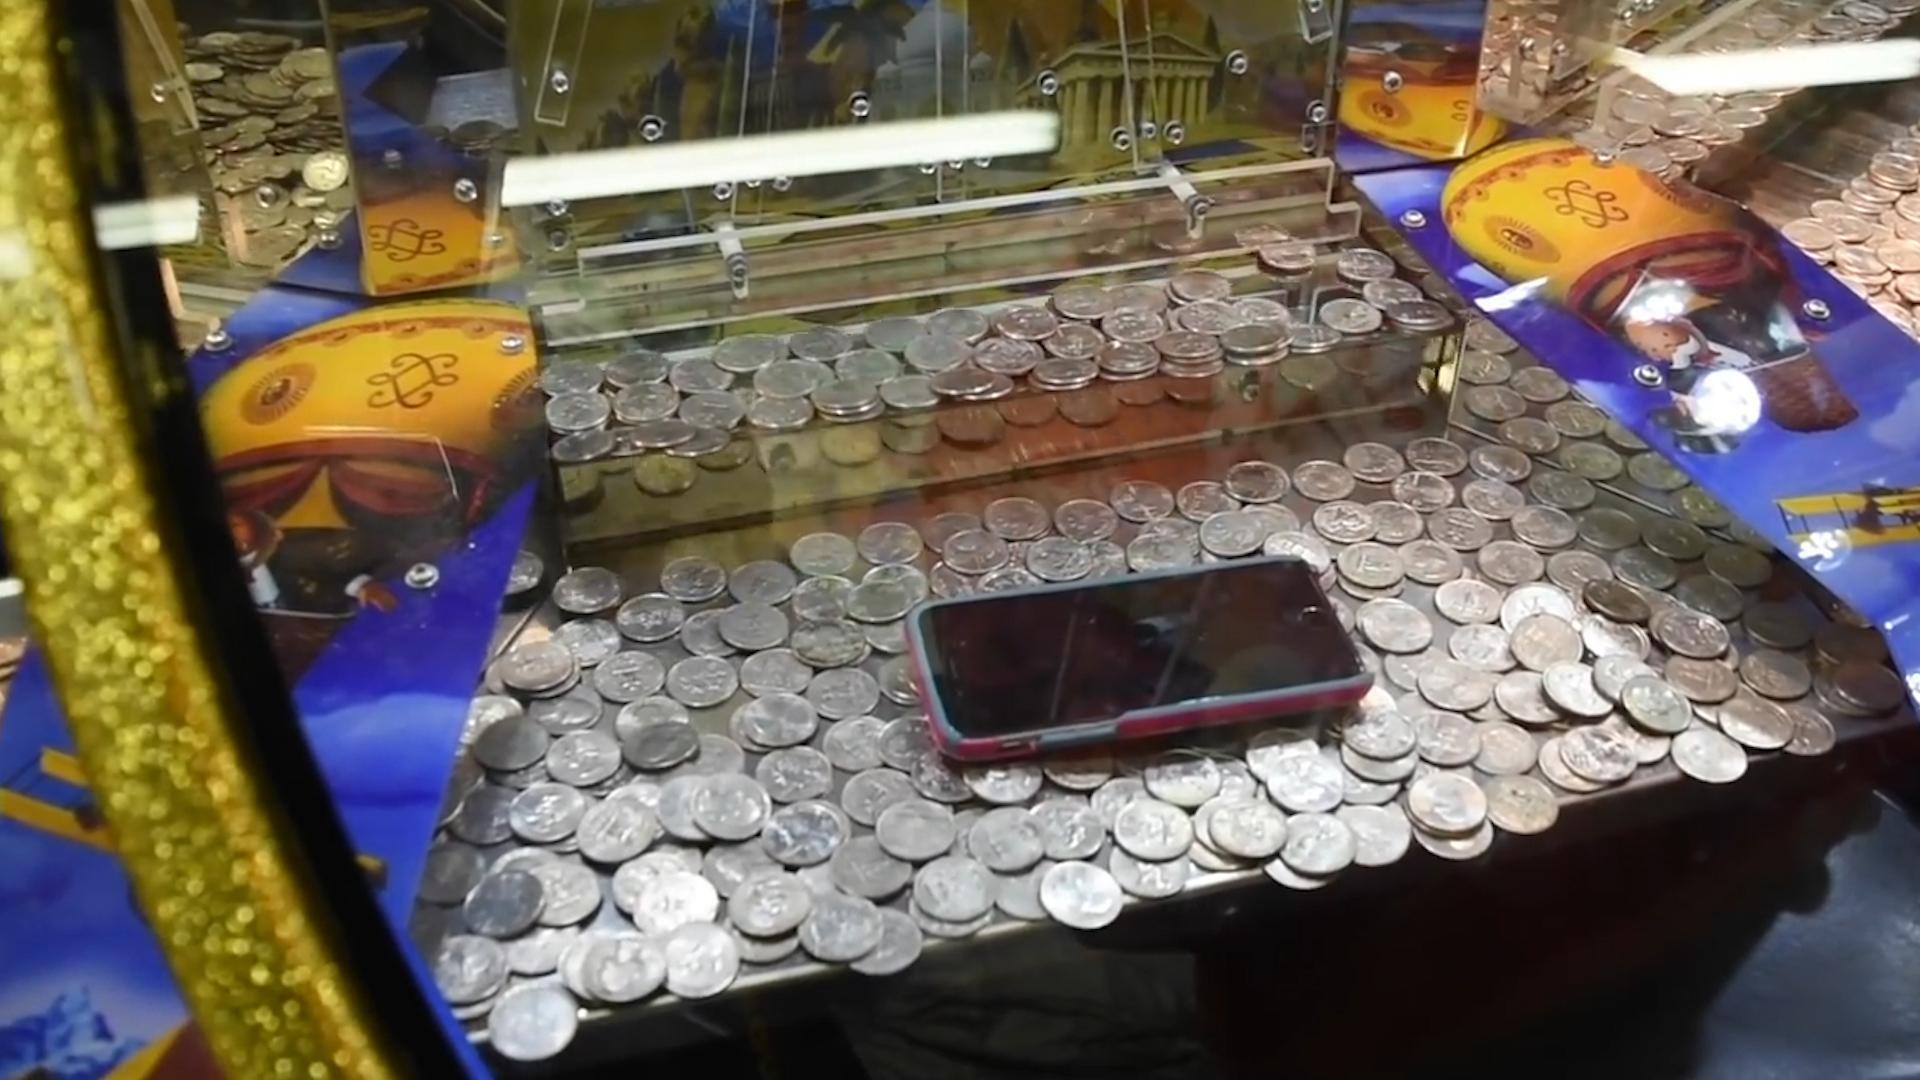 老板为吸引顾客,在推币机中放了一台苹果手机,结果30分钟就没了